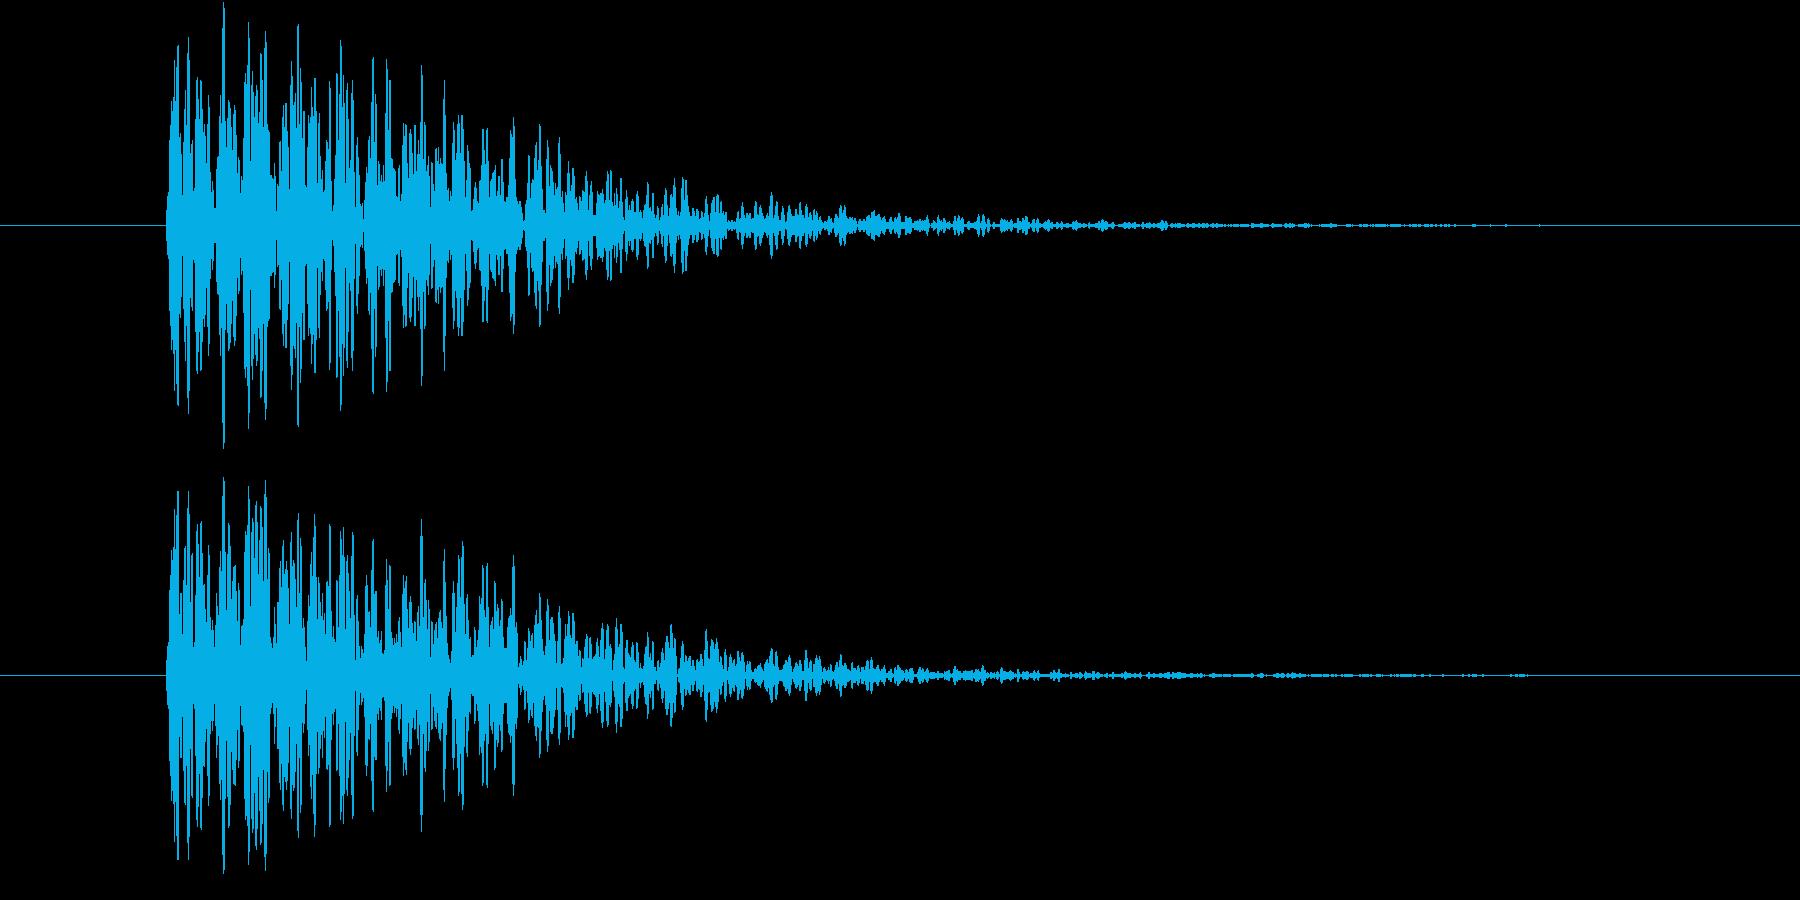 巨人が大きく一歩踏み出したような音の再生済みの波形